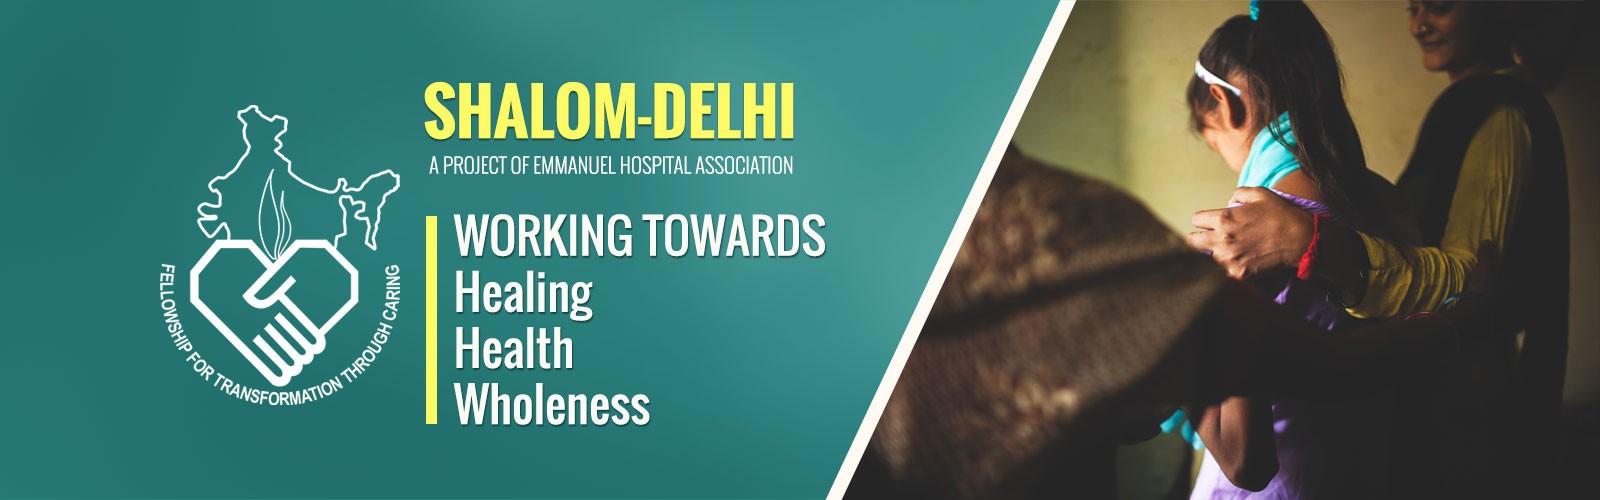 Shalom Delhi